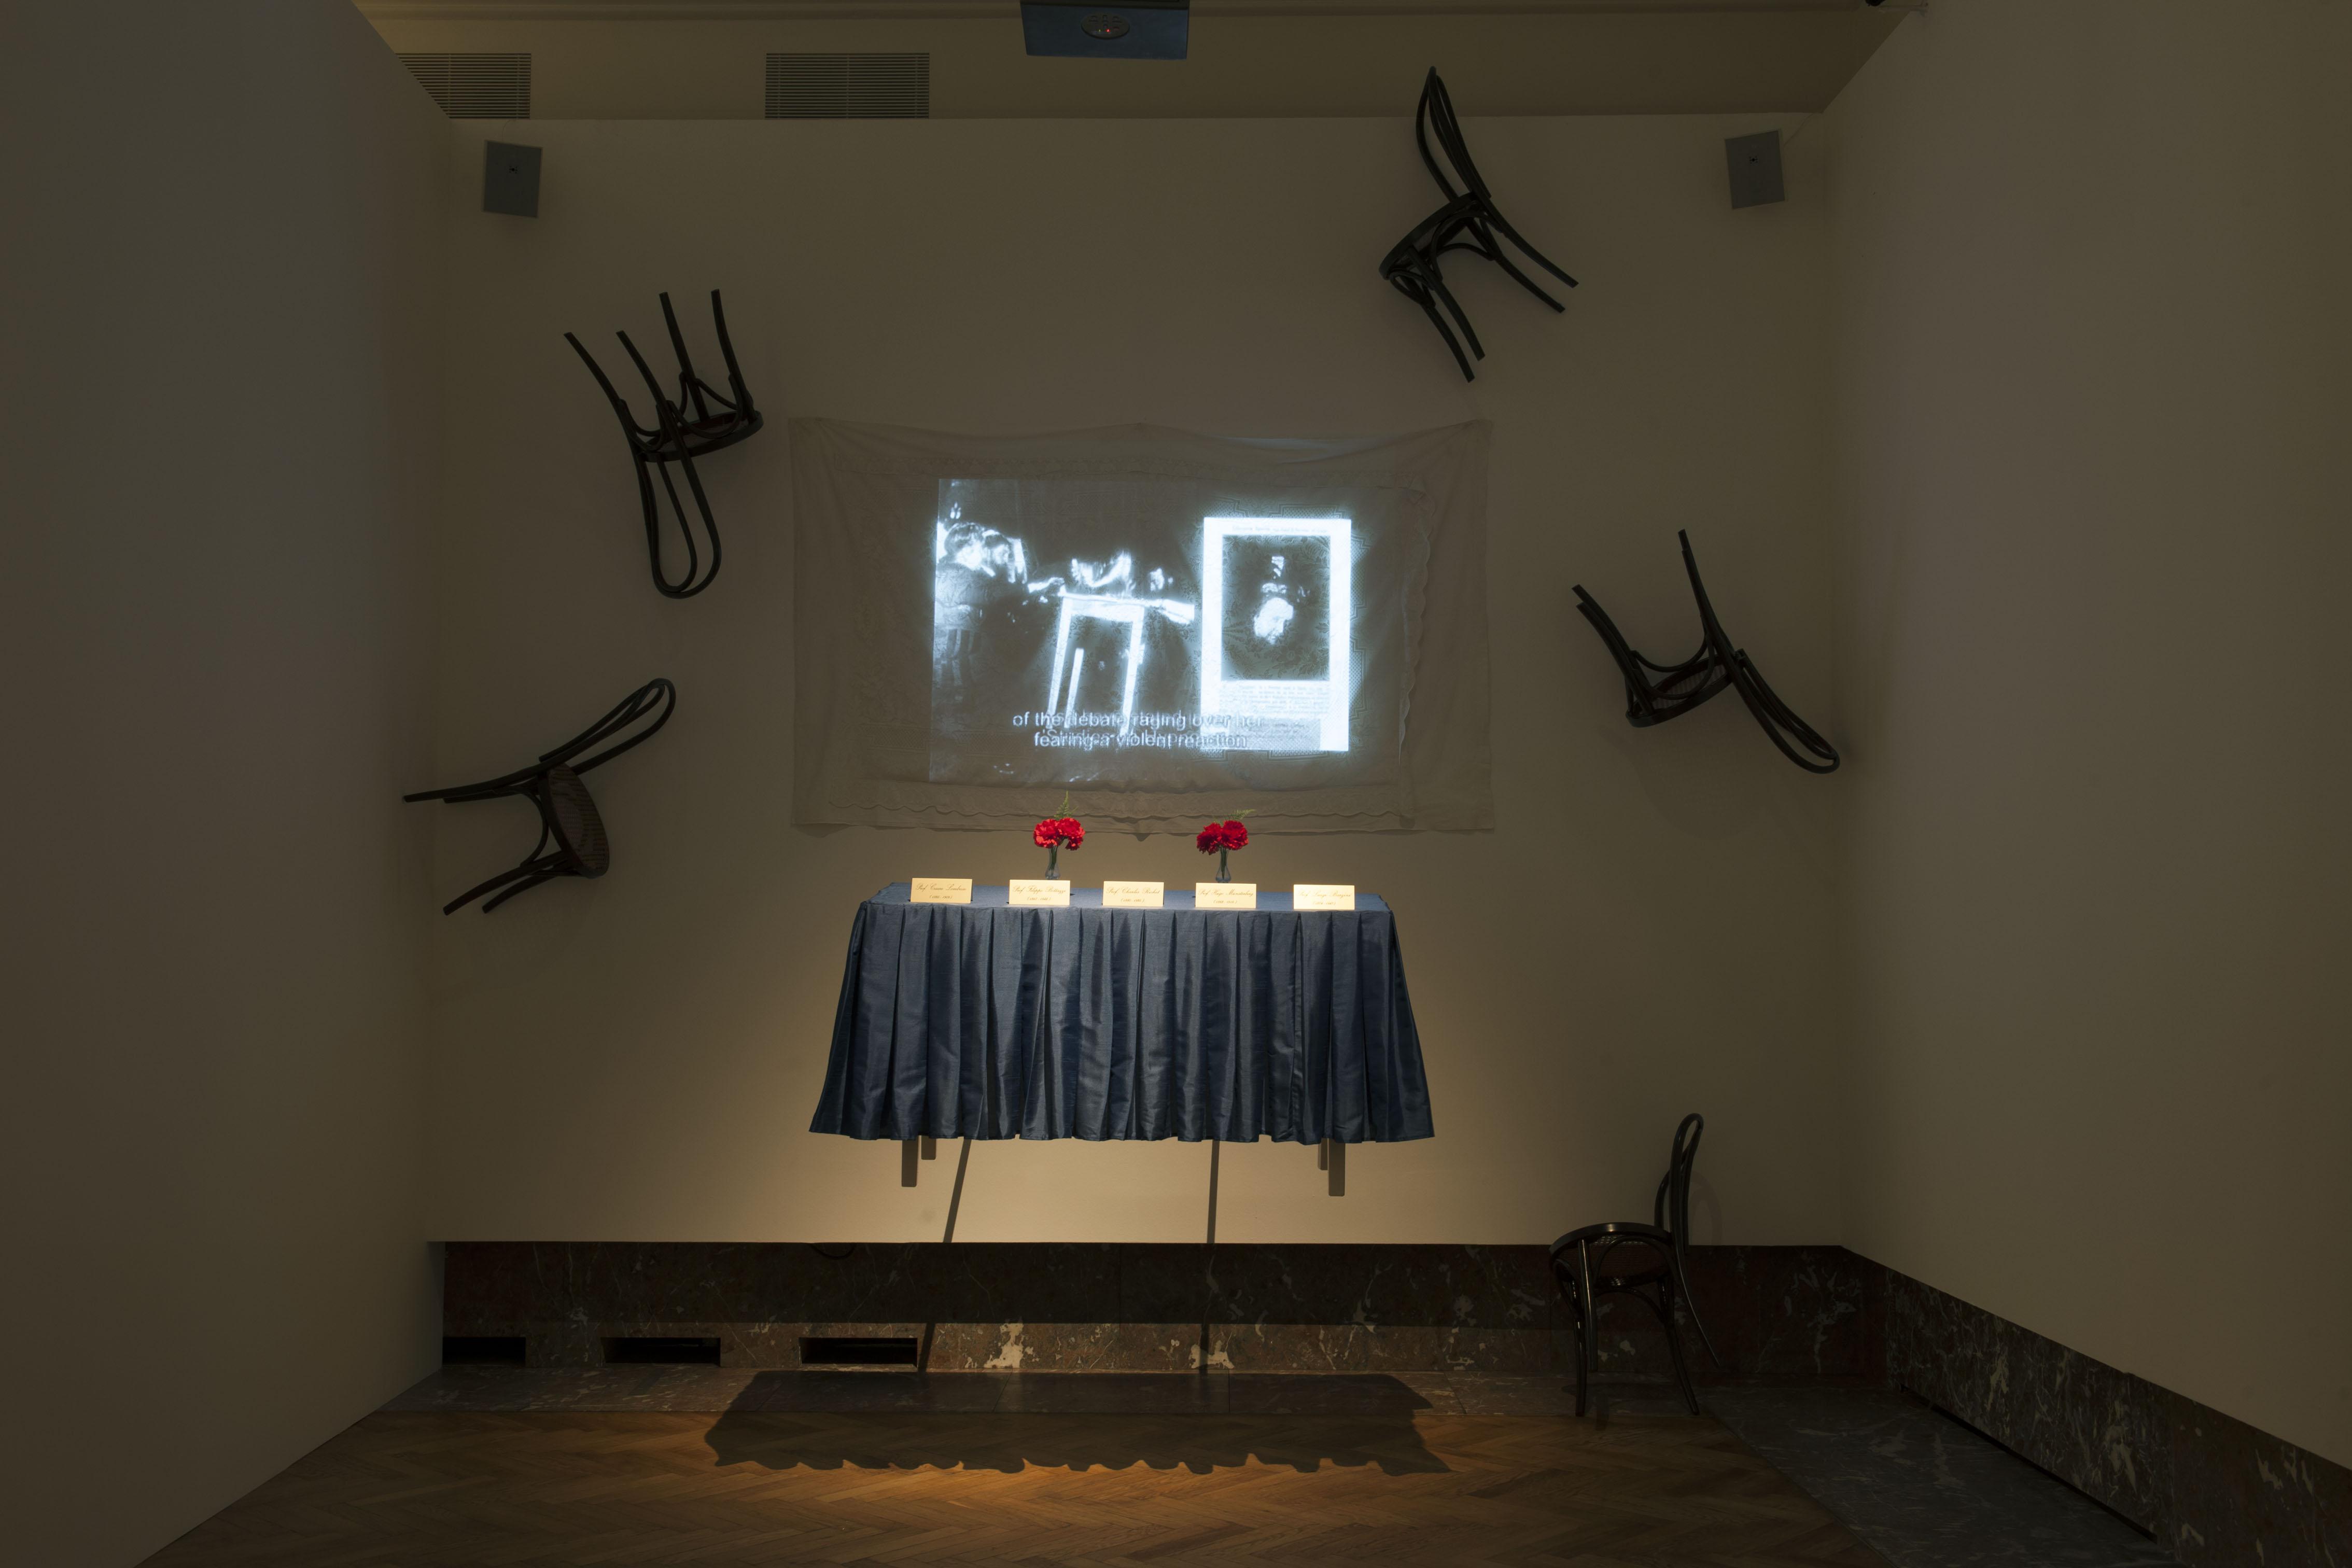 Chiara Fumai, La donna delinquente, 2011